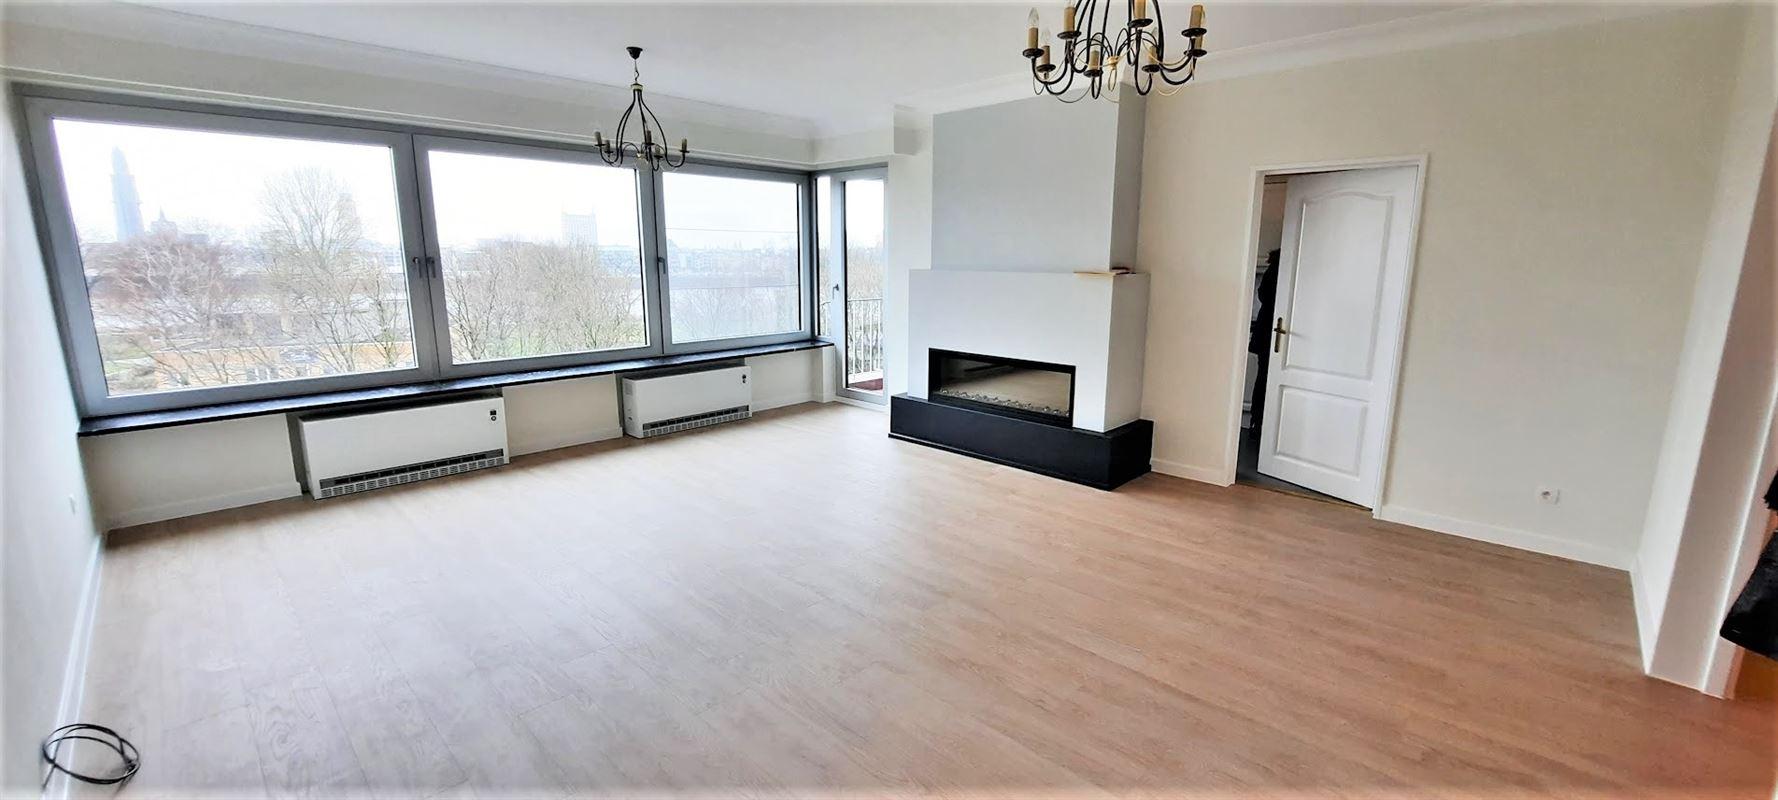 Foto 1 : Appartement te 2050 ANTWERPEN (België) - Prijs € 870